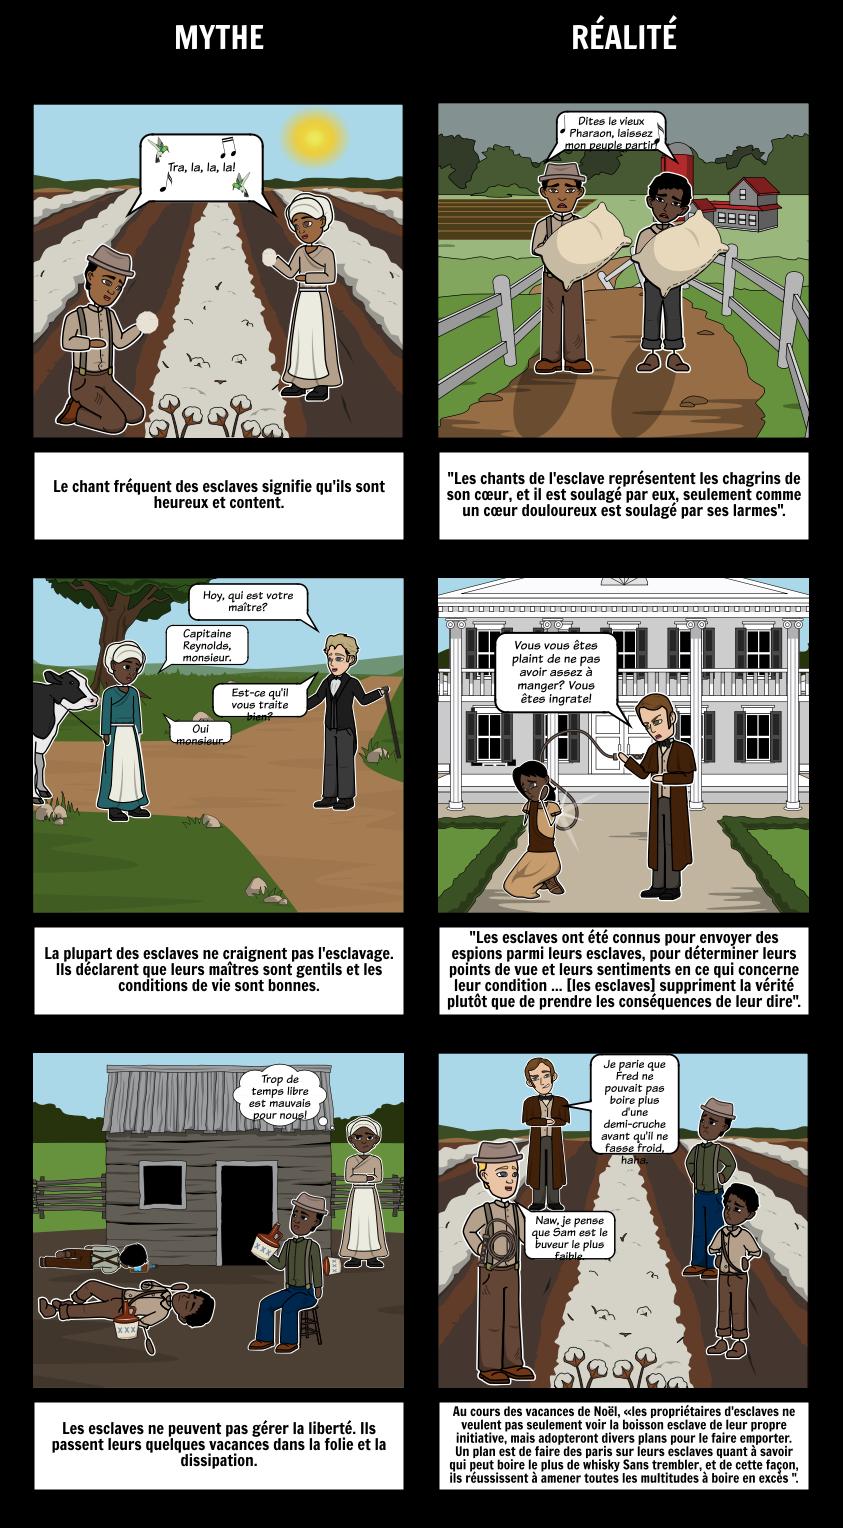 Un Récit de la vie de Frederick Douglass Mythbusters